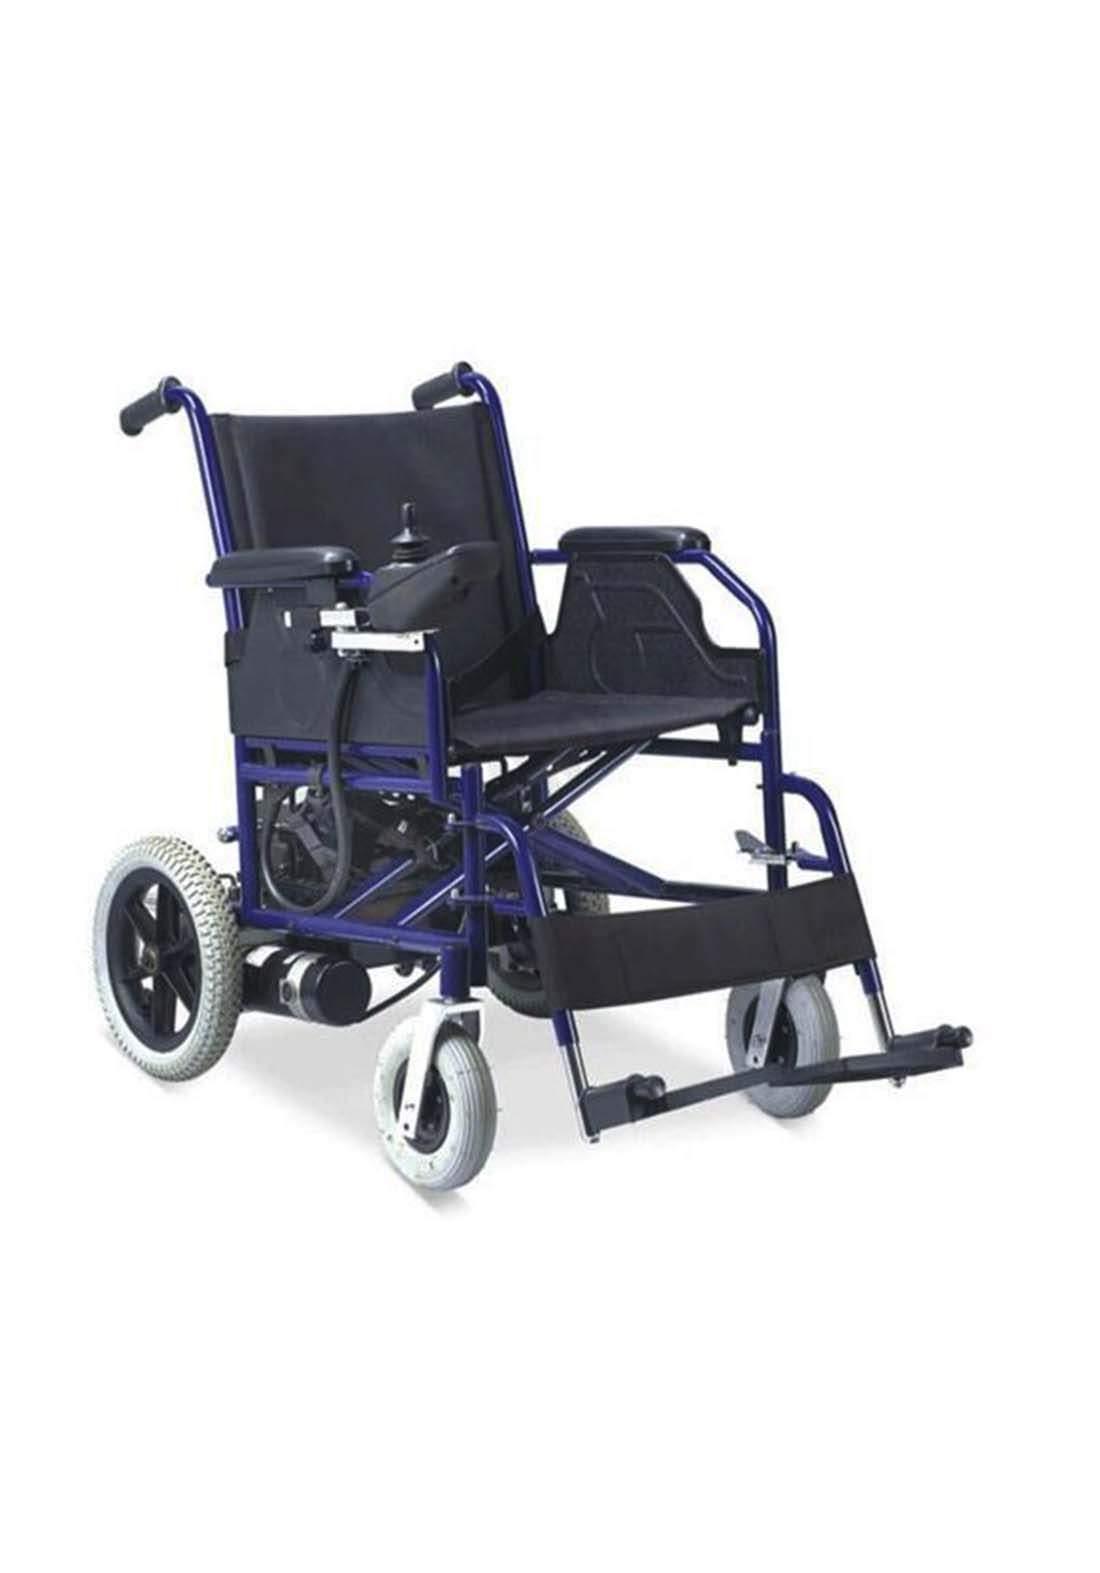 Foshan Fs112 Wheel Chair كرسي متحرك كهربائي